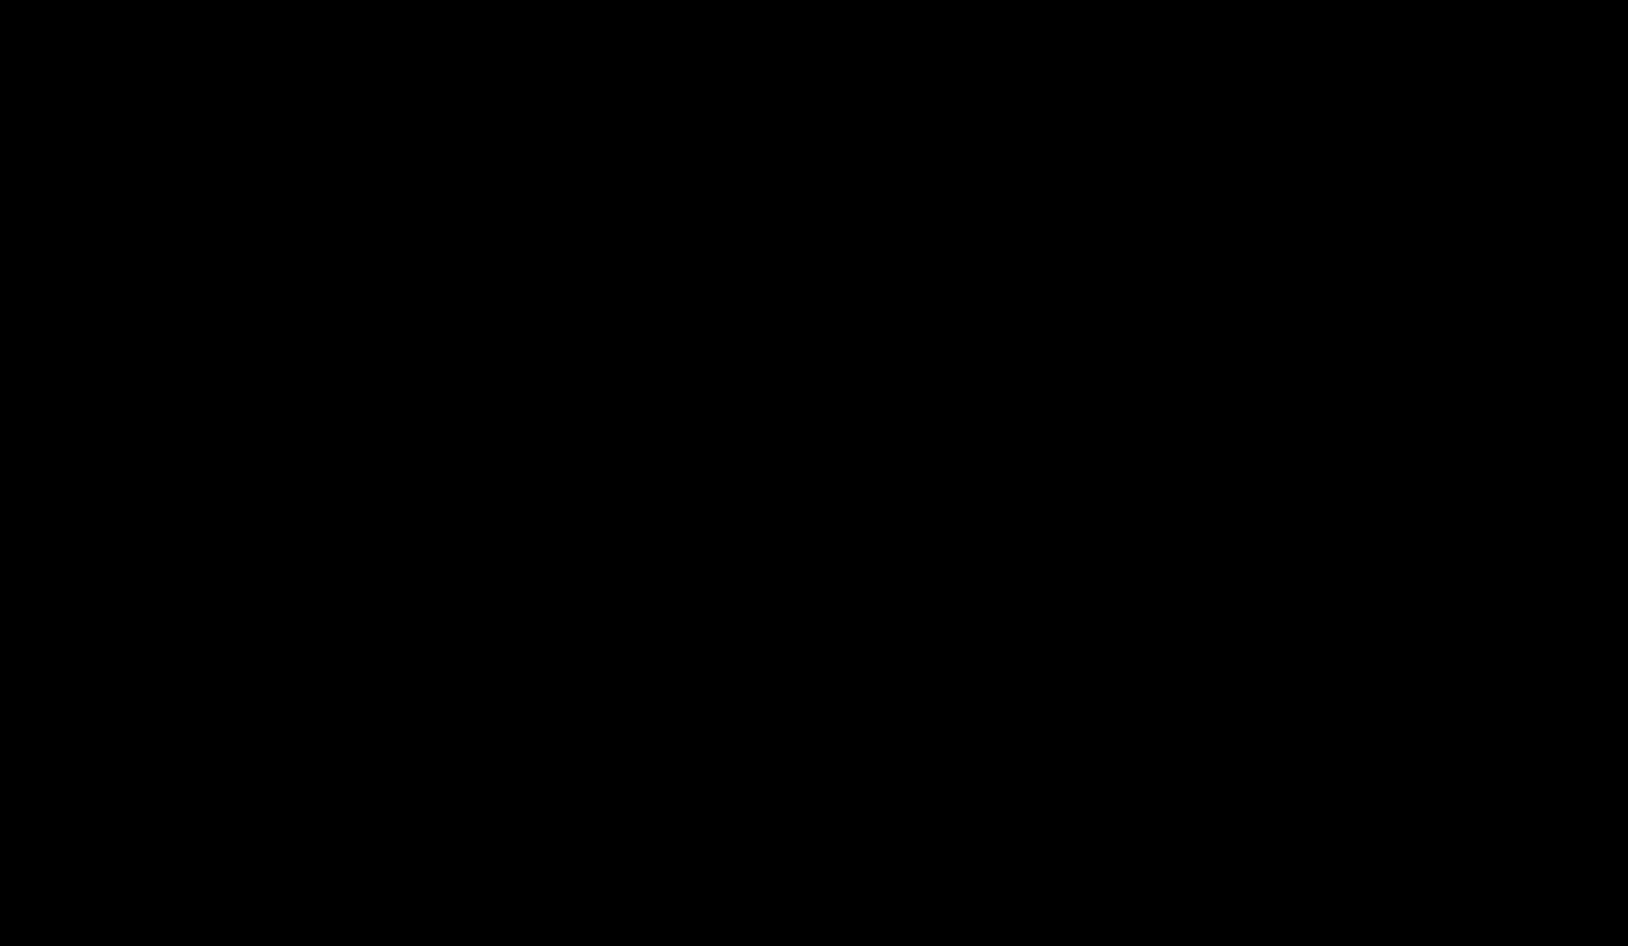 Carboxyl-dPEG®₄-(m-dPEG®₈)₃